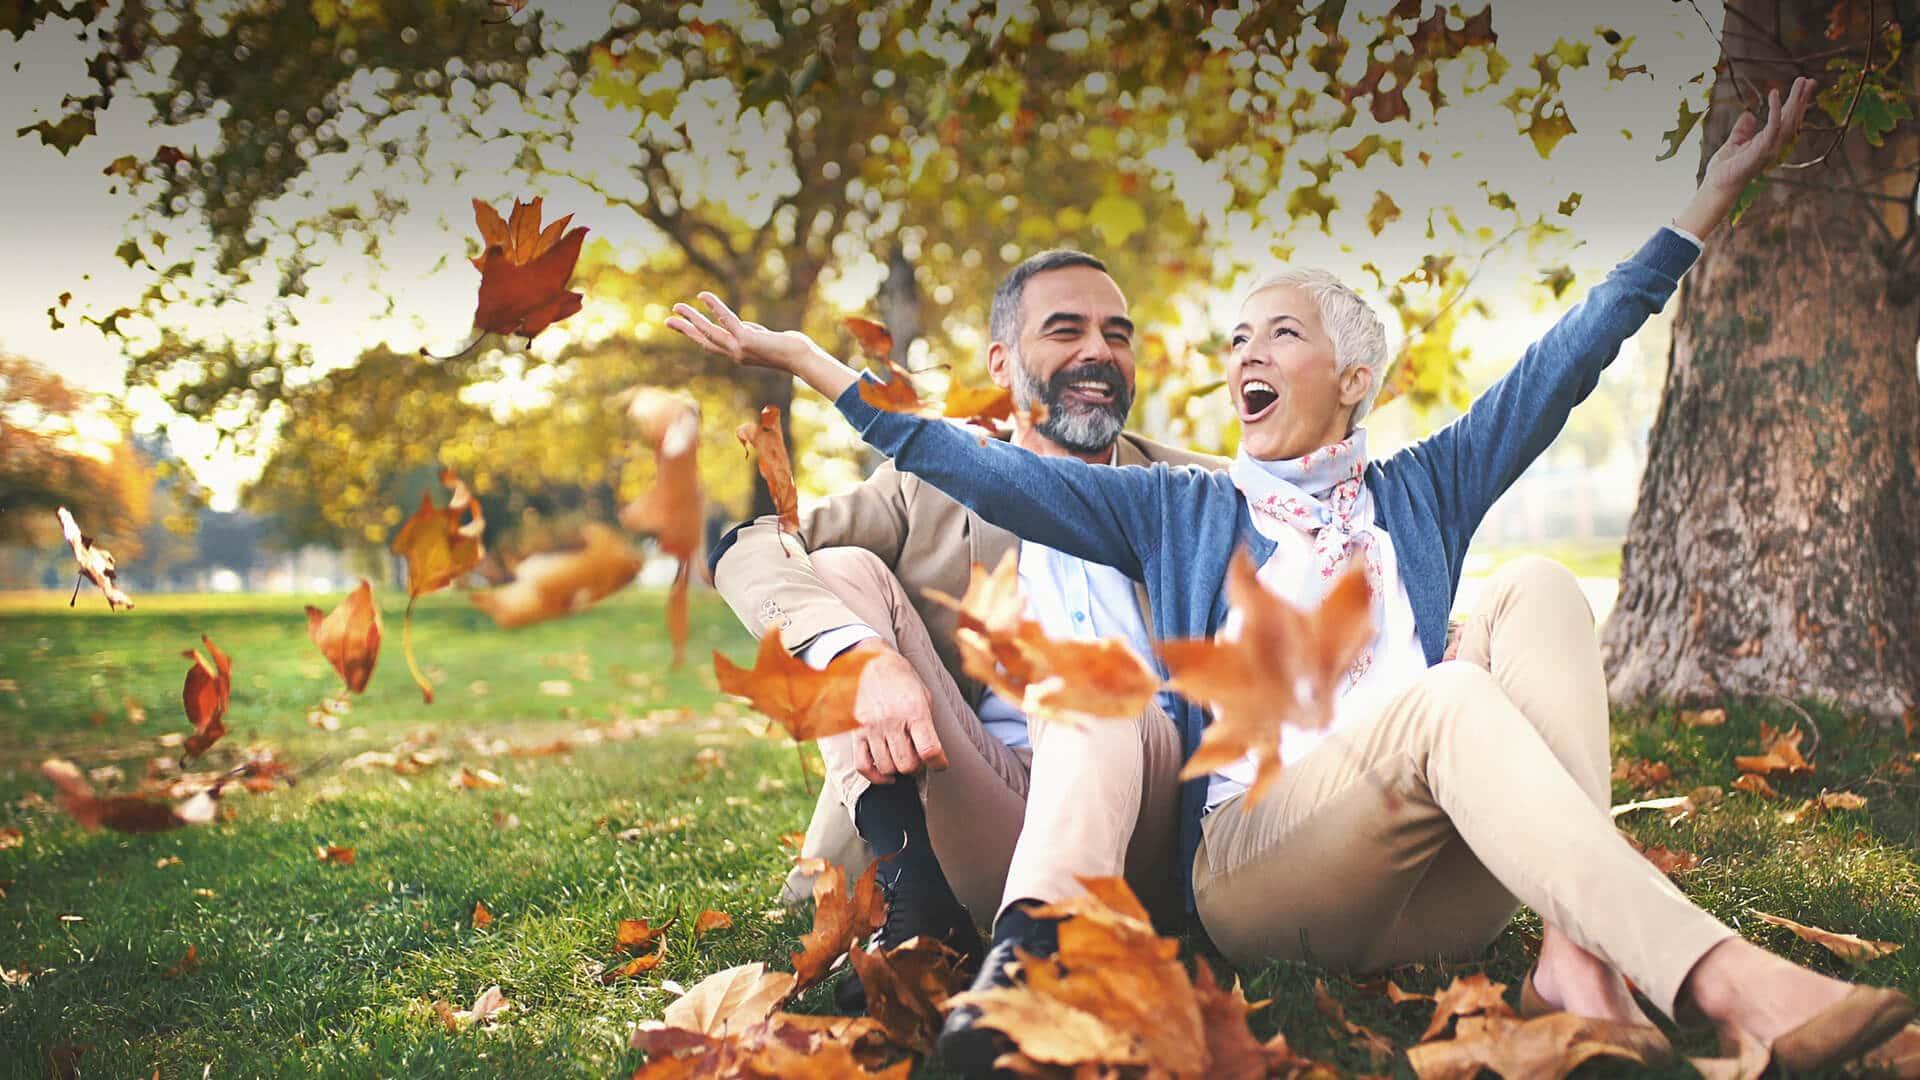 Kostenlose dating-sites für über 50s uk